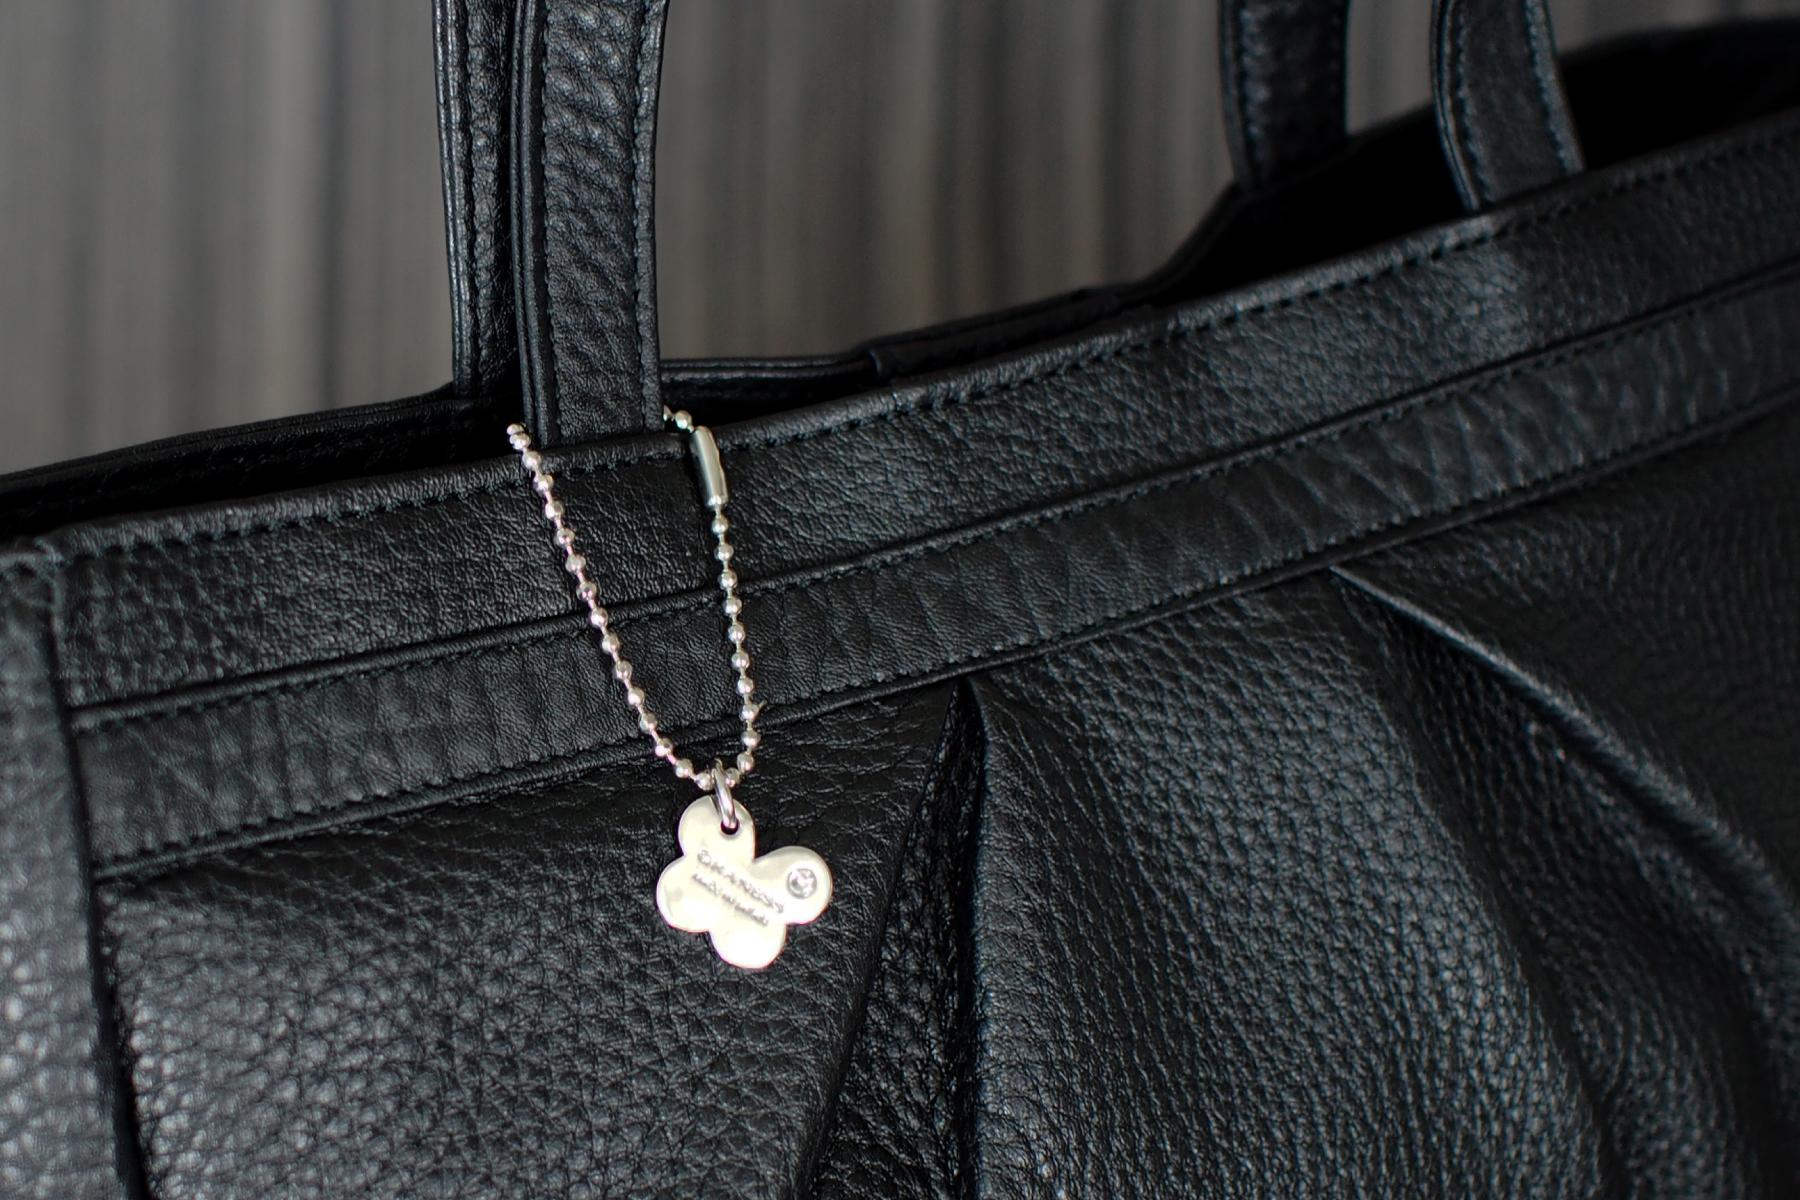 の女性に人気のチャームを本革製バッグ・ドレープトートに取り付けたイメージ